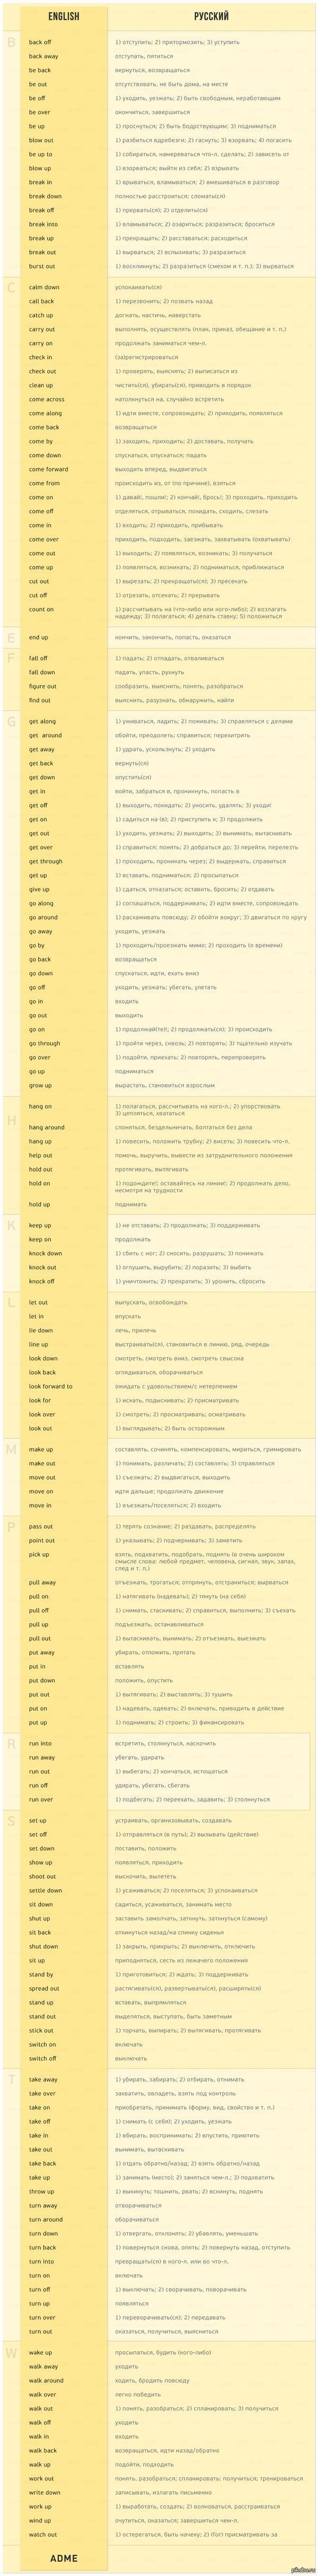 170 английских глаголов, которые пригодятся в любом разговоре по версии AdMe